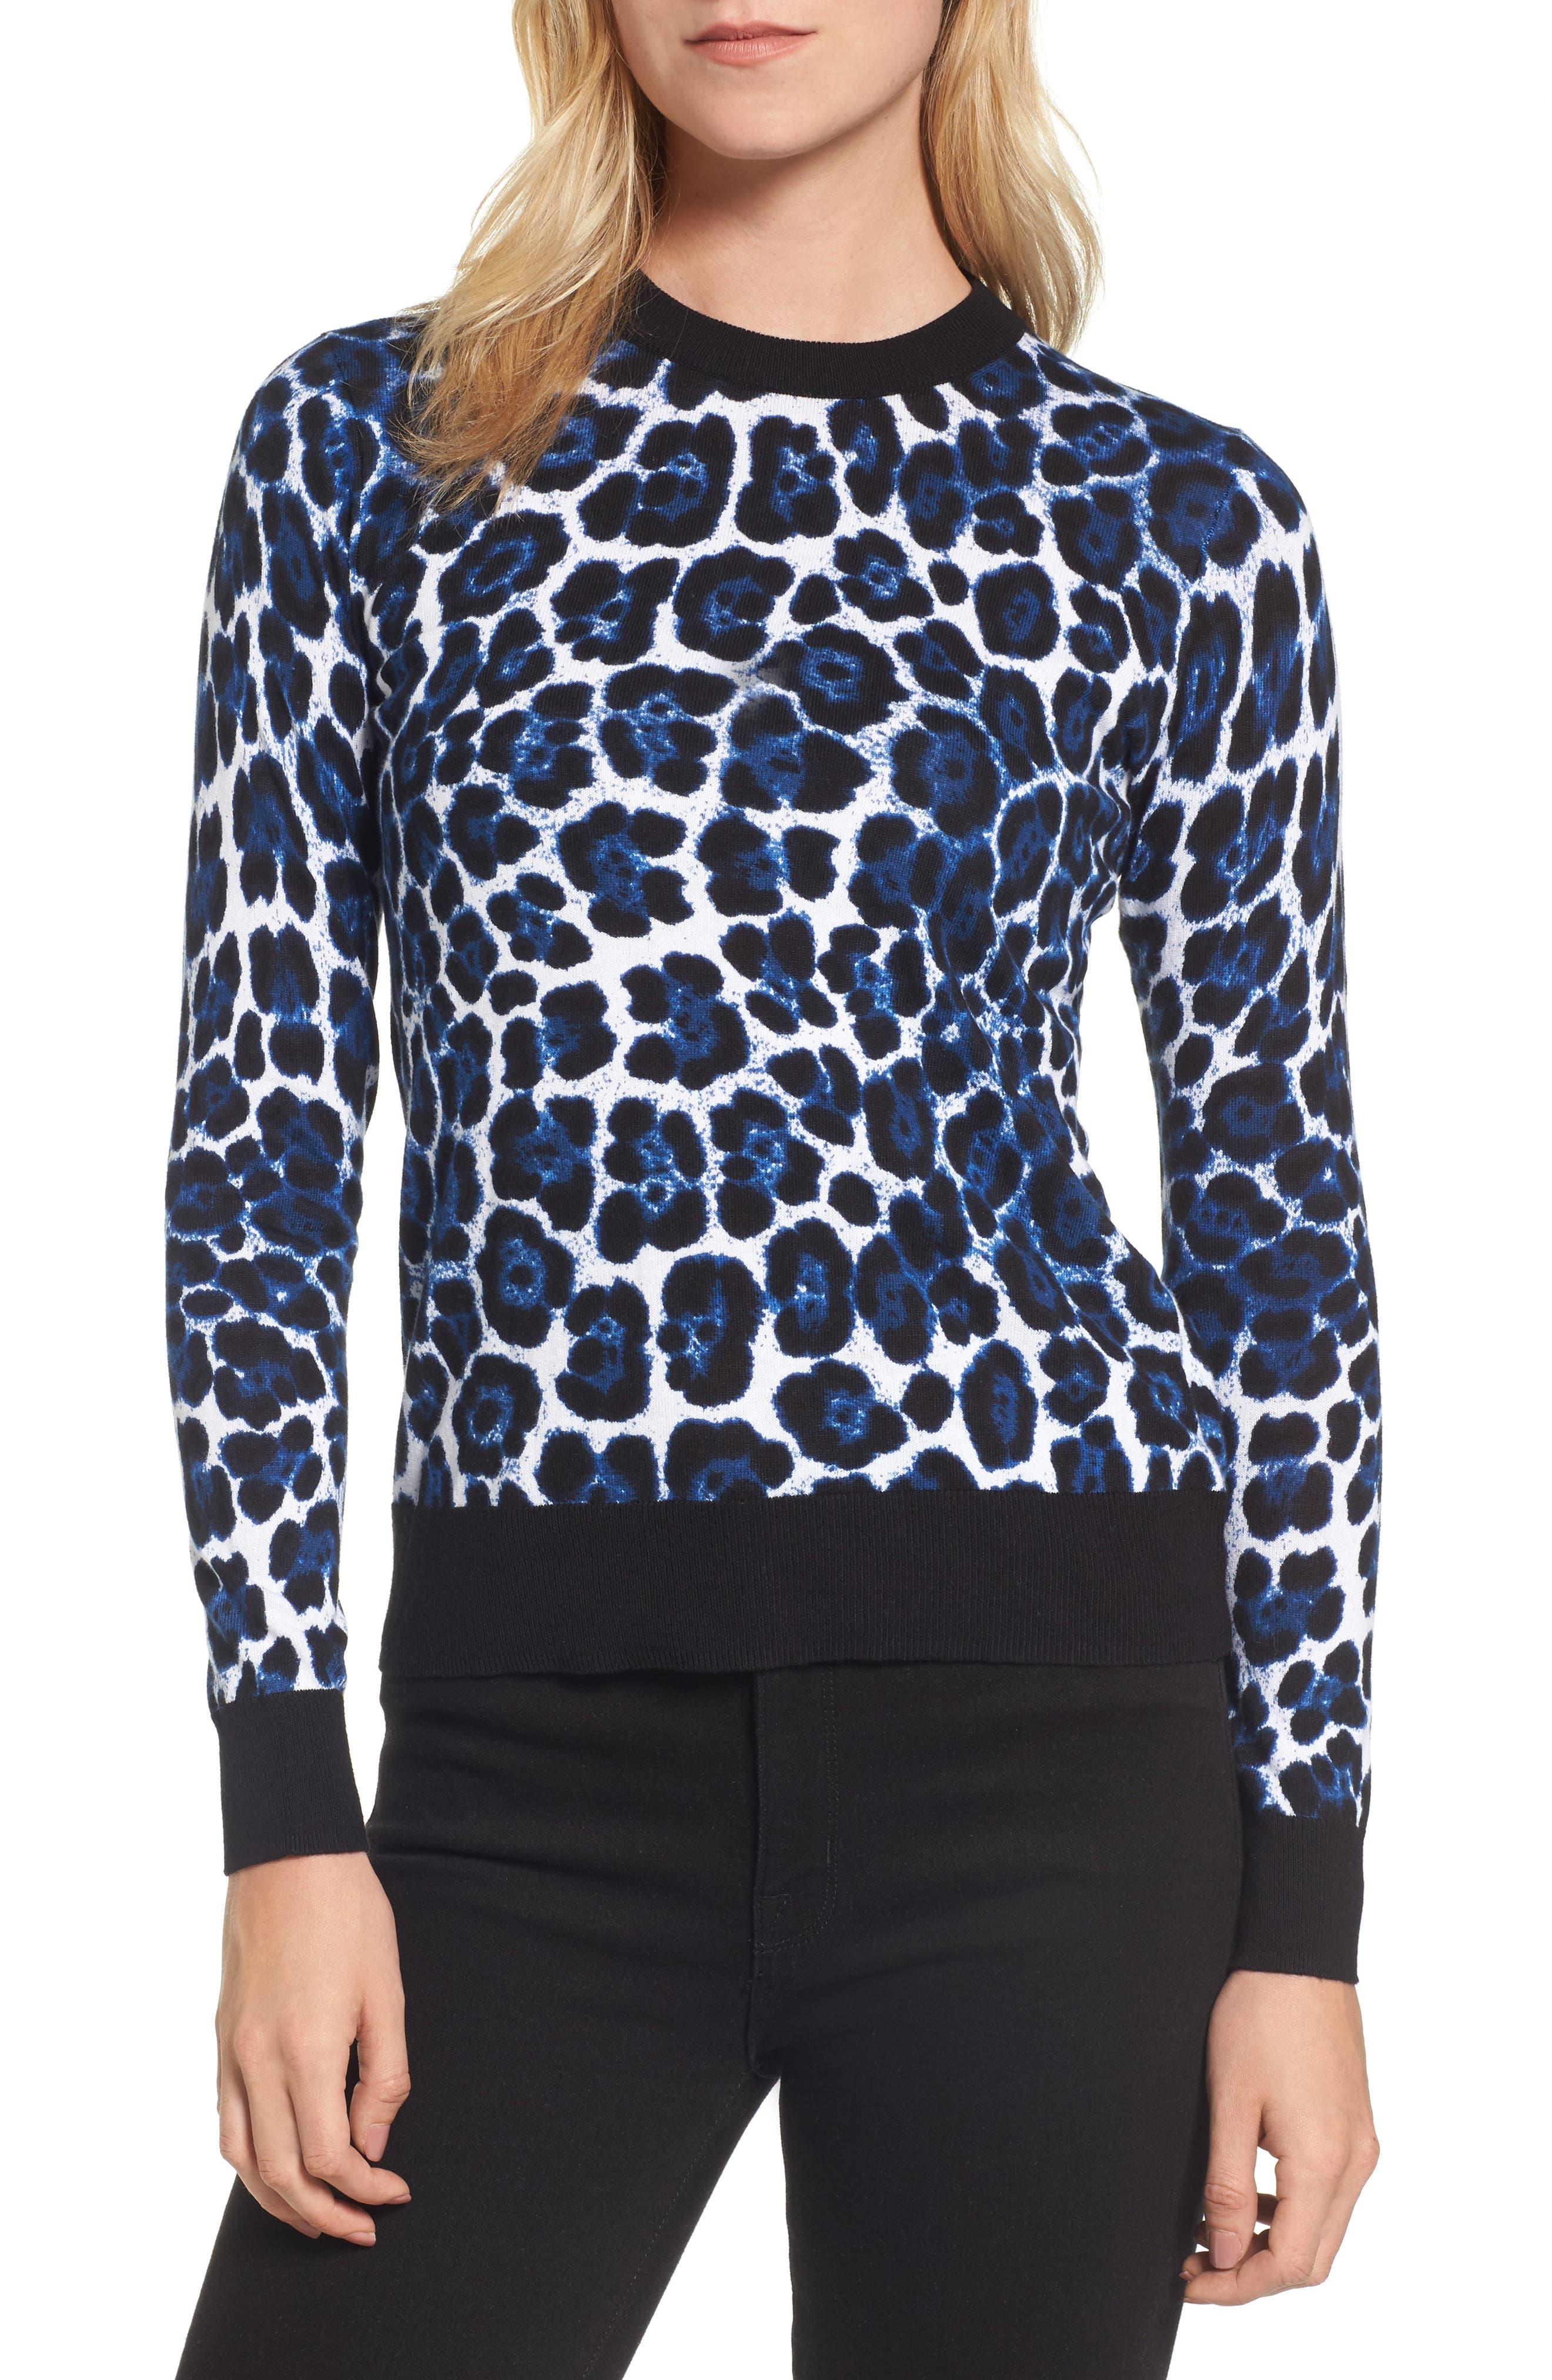 Alternate Image 1 Selected - MICHAEL Michael Kors Cheetah Print Sweater